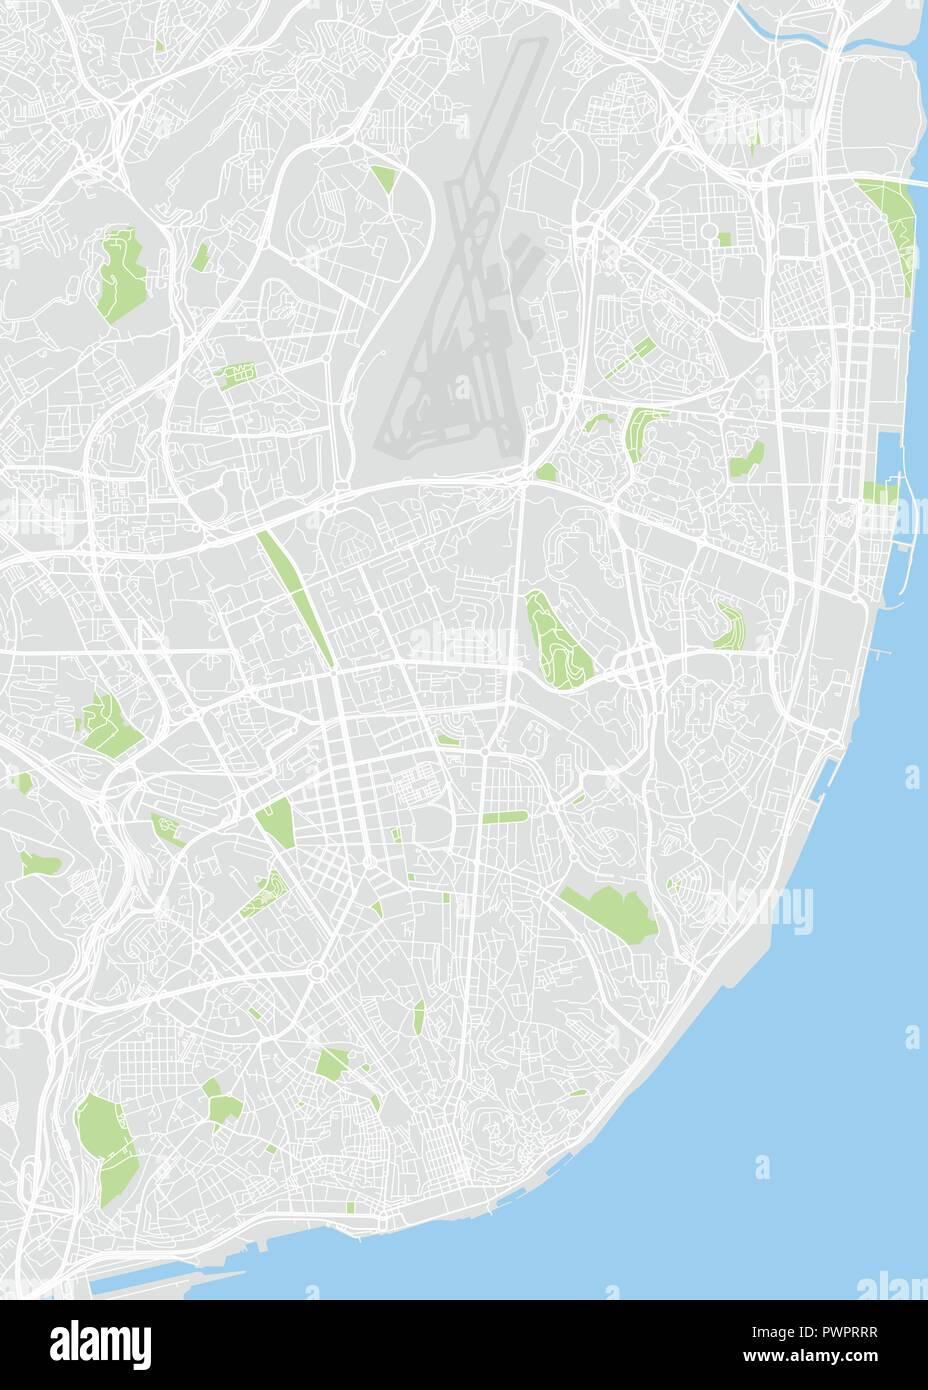 Couleur de Lisbonne carte vectorielle plan détaillé de la ville, les rivières et les rues Illustration de Vecteur